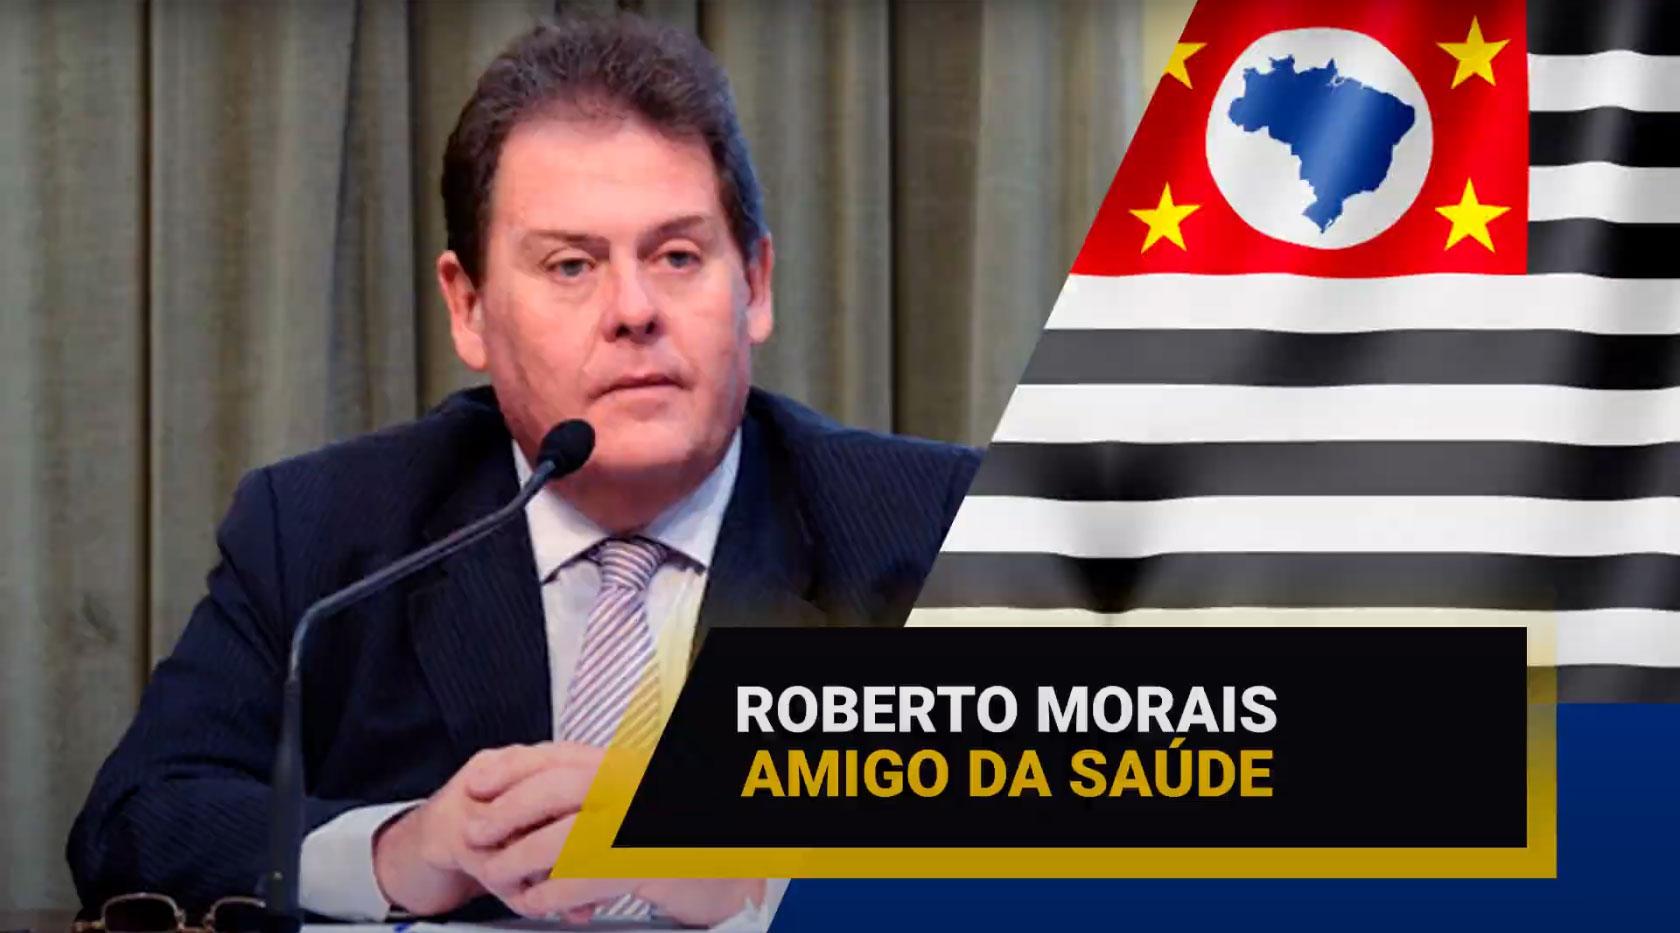 deputado-estadual-roberto-morais-e-amigo-da-saude - Acao Comunicativa